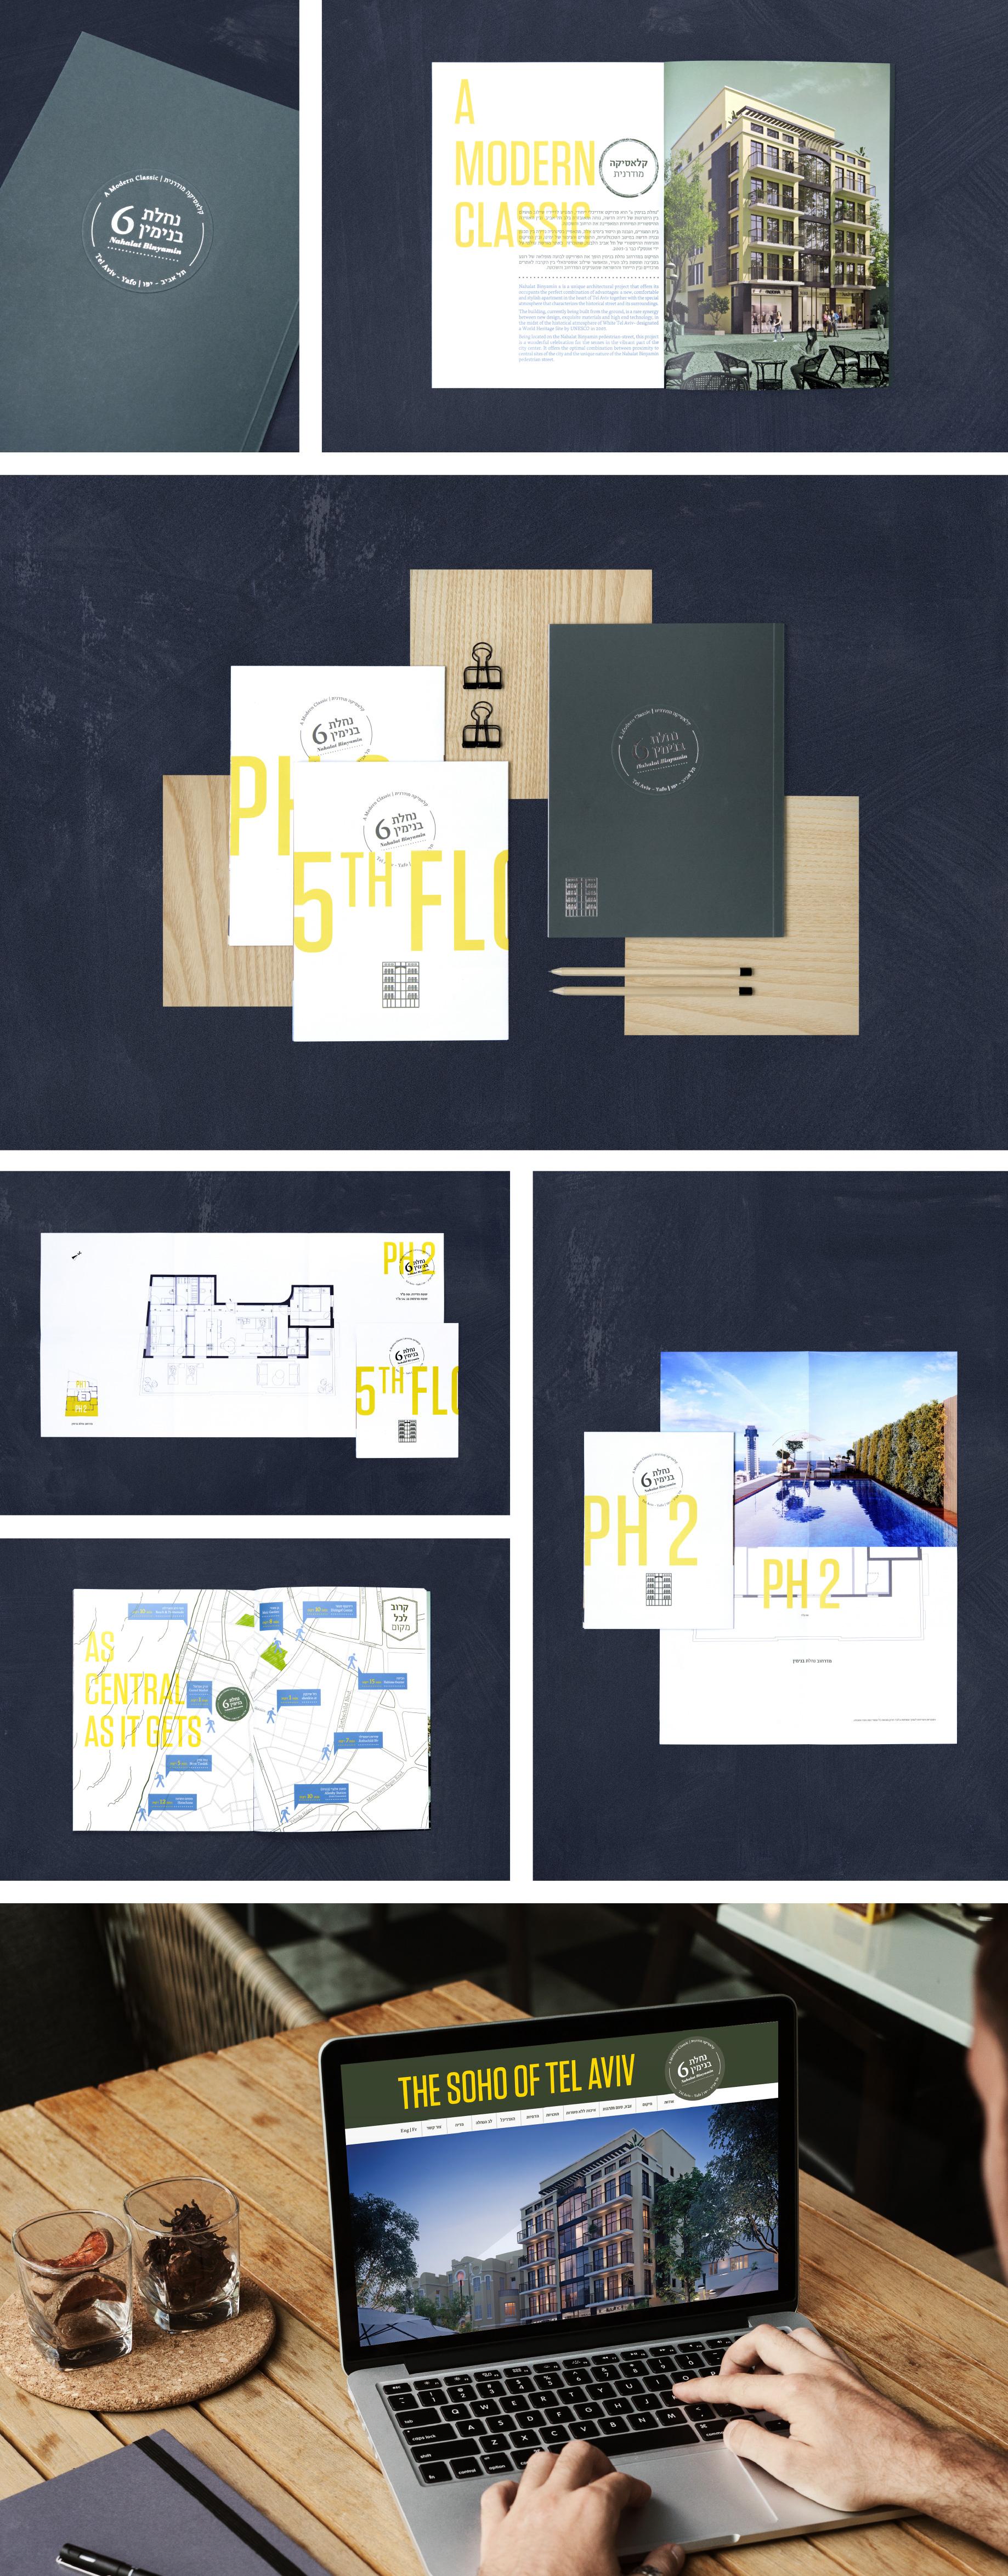 מיתוג לפרוייקט נדלן בניין לשימור נחלת בנימין בתל אביב